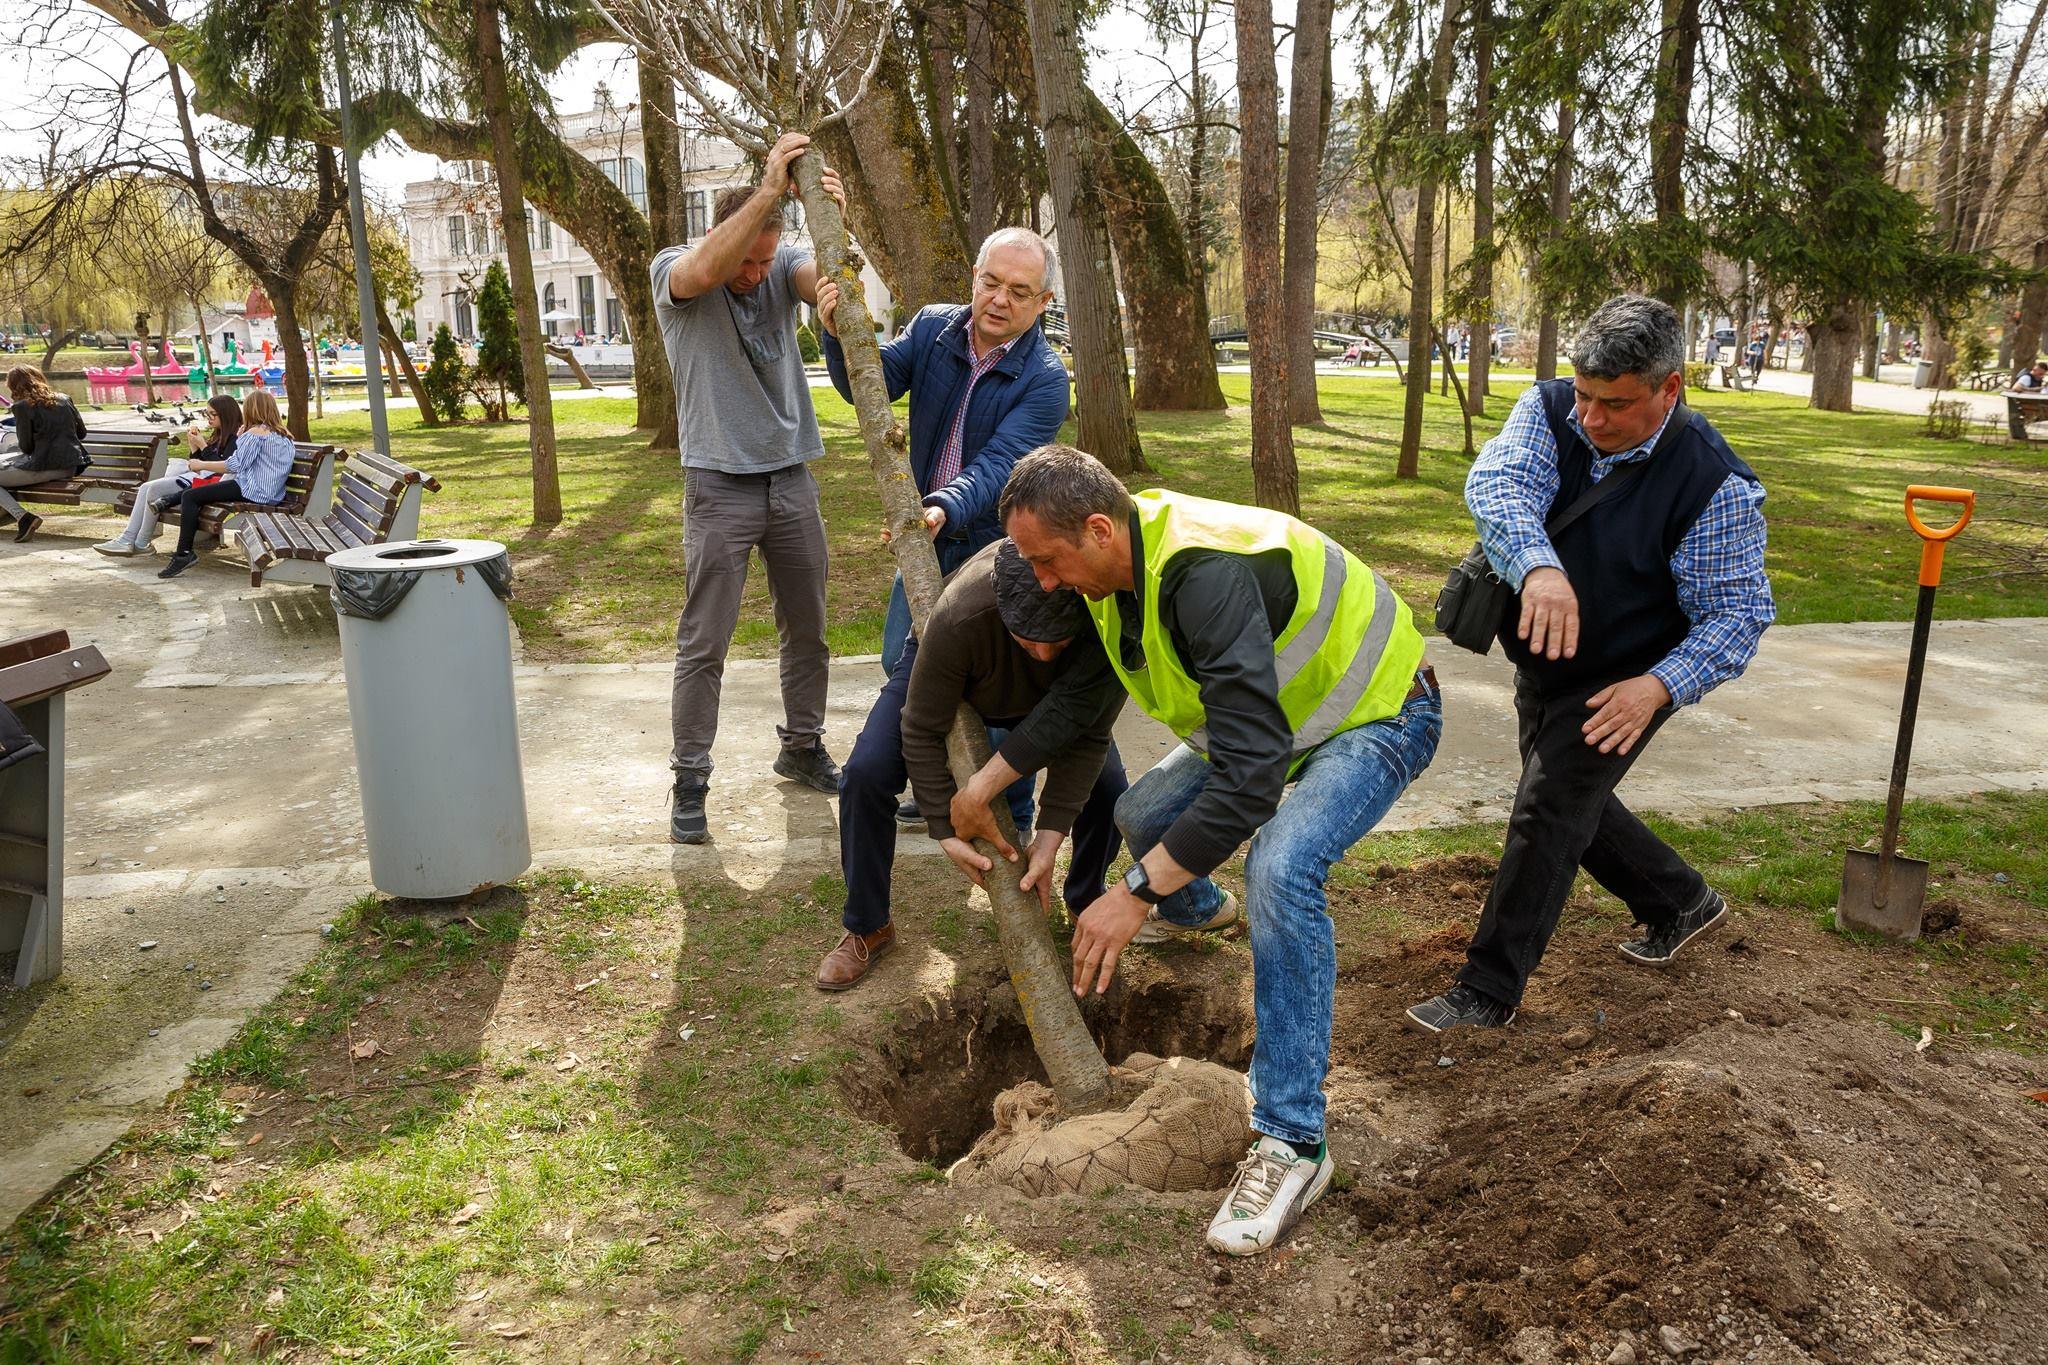 Emil Boc, din nou cot la cot cu muncitorii. Primarul Clujului a plantat copaci într-un parc